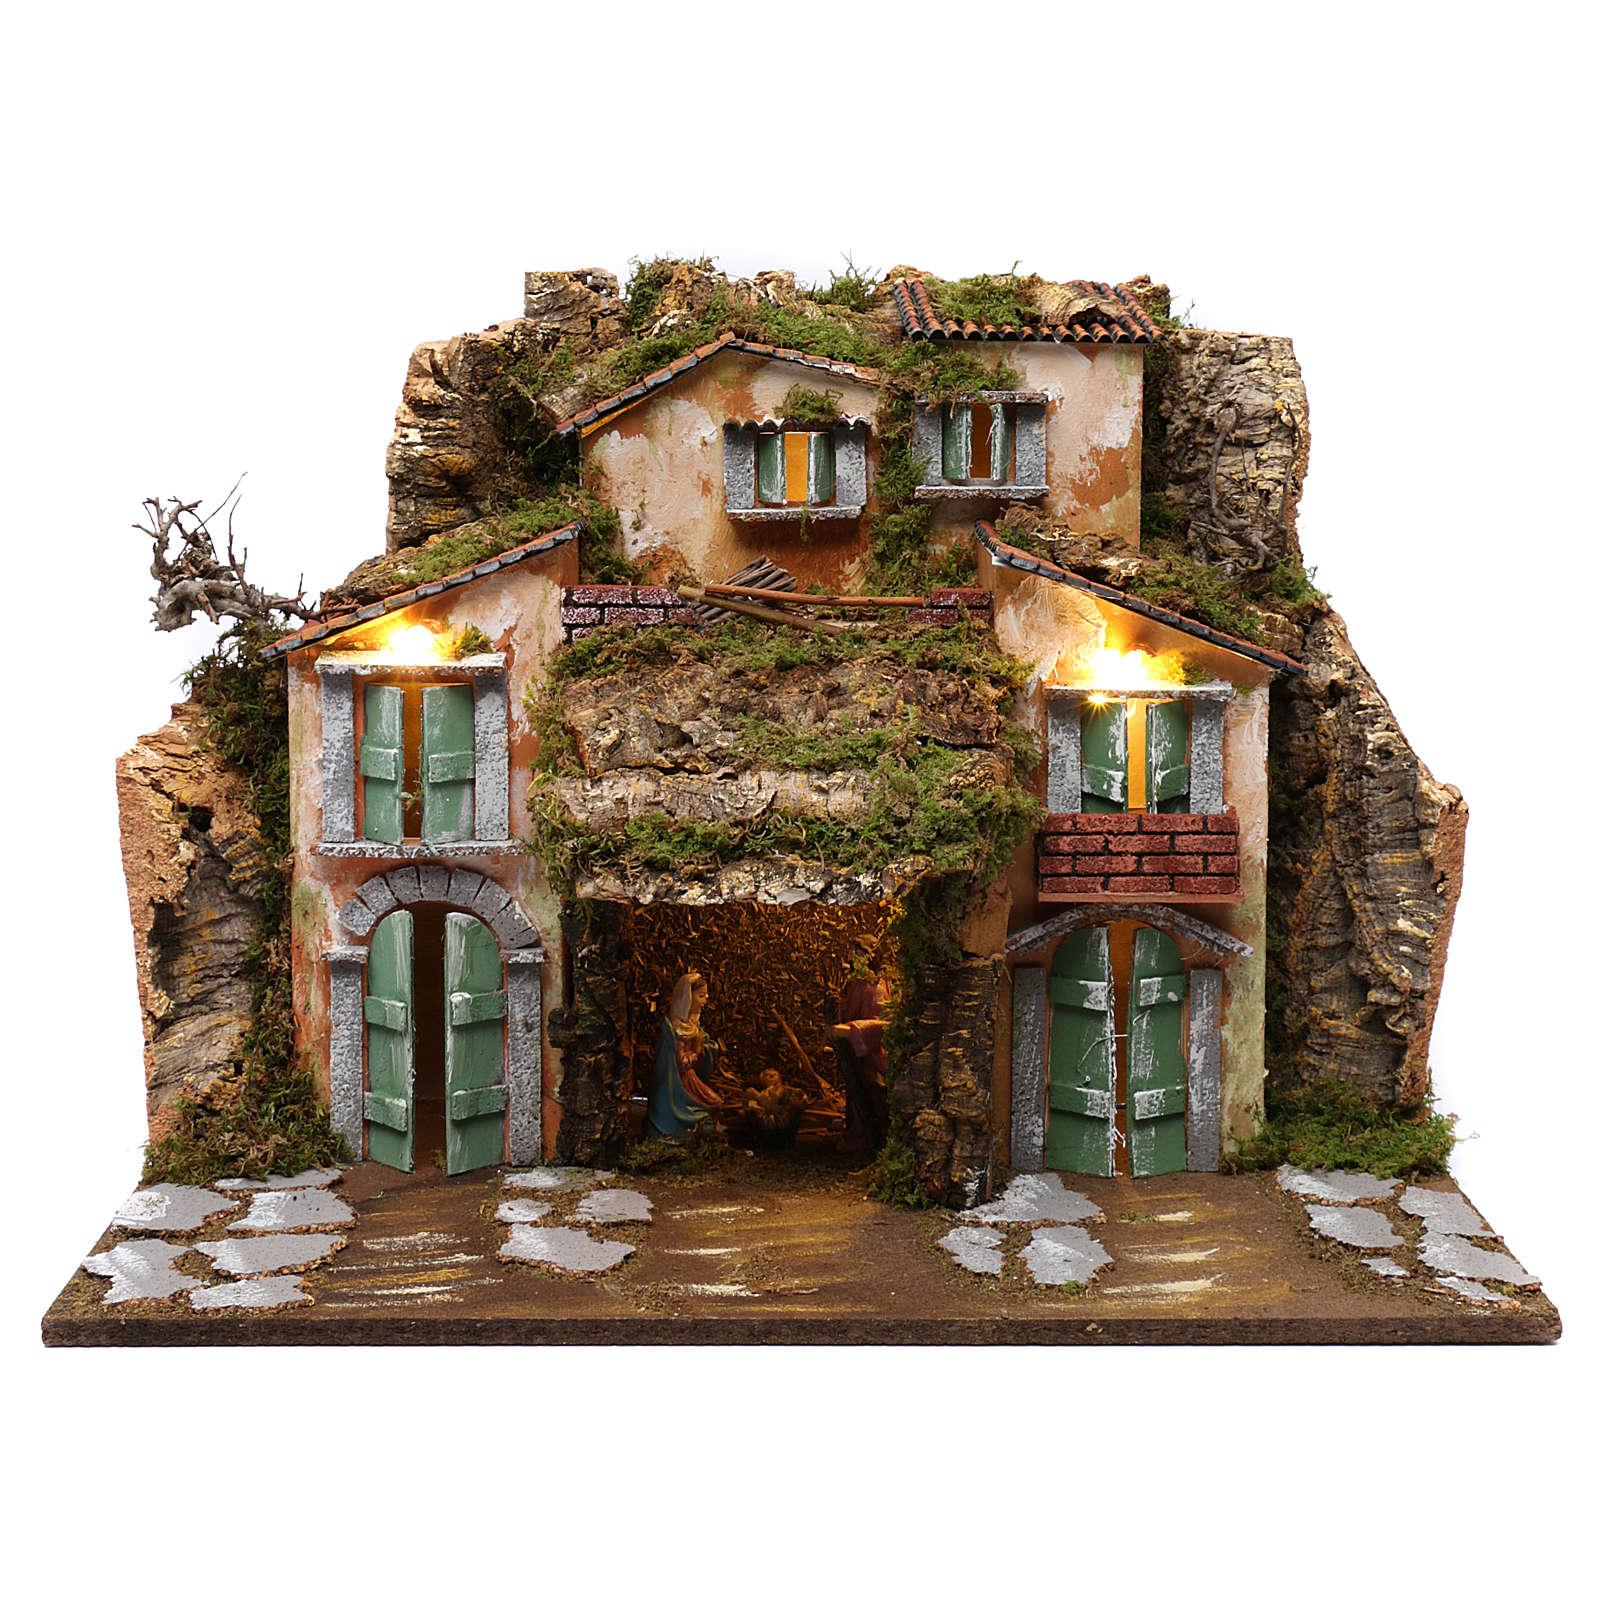 Grotta con Natività e casette 45x60x50 cm 4